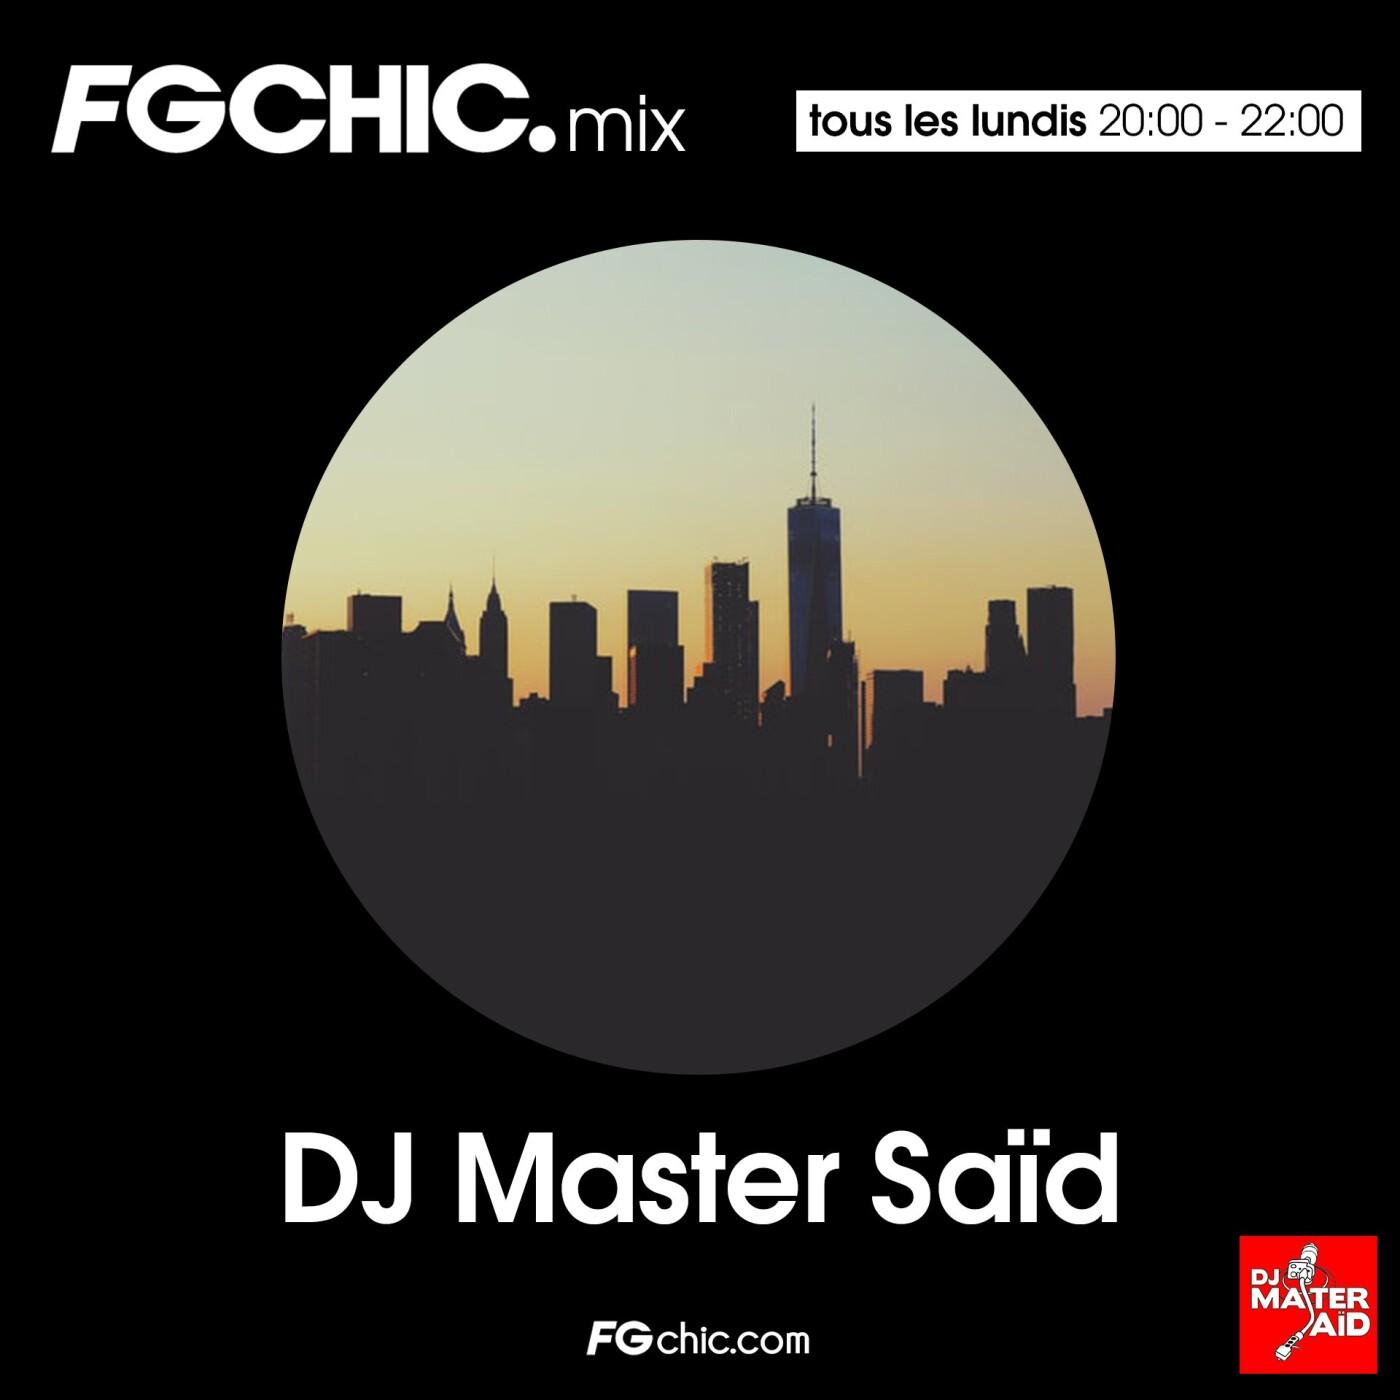 FG CHIC MIX BY DJ MASTER SAID